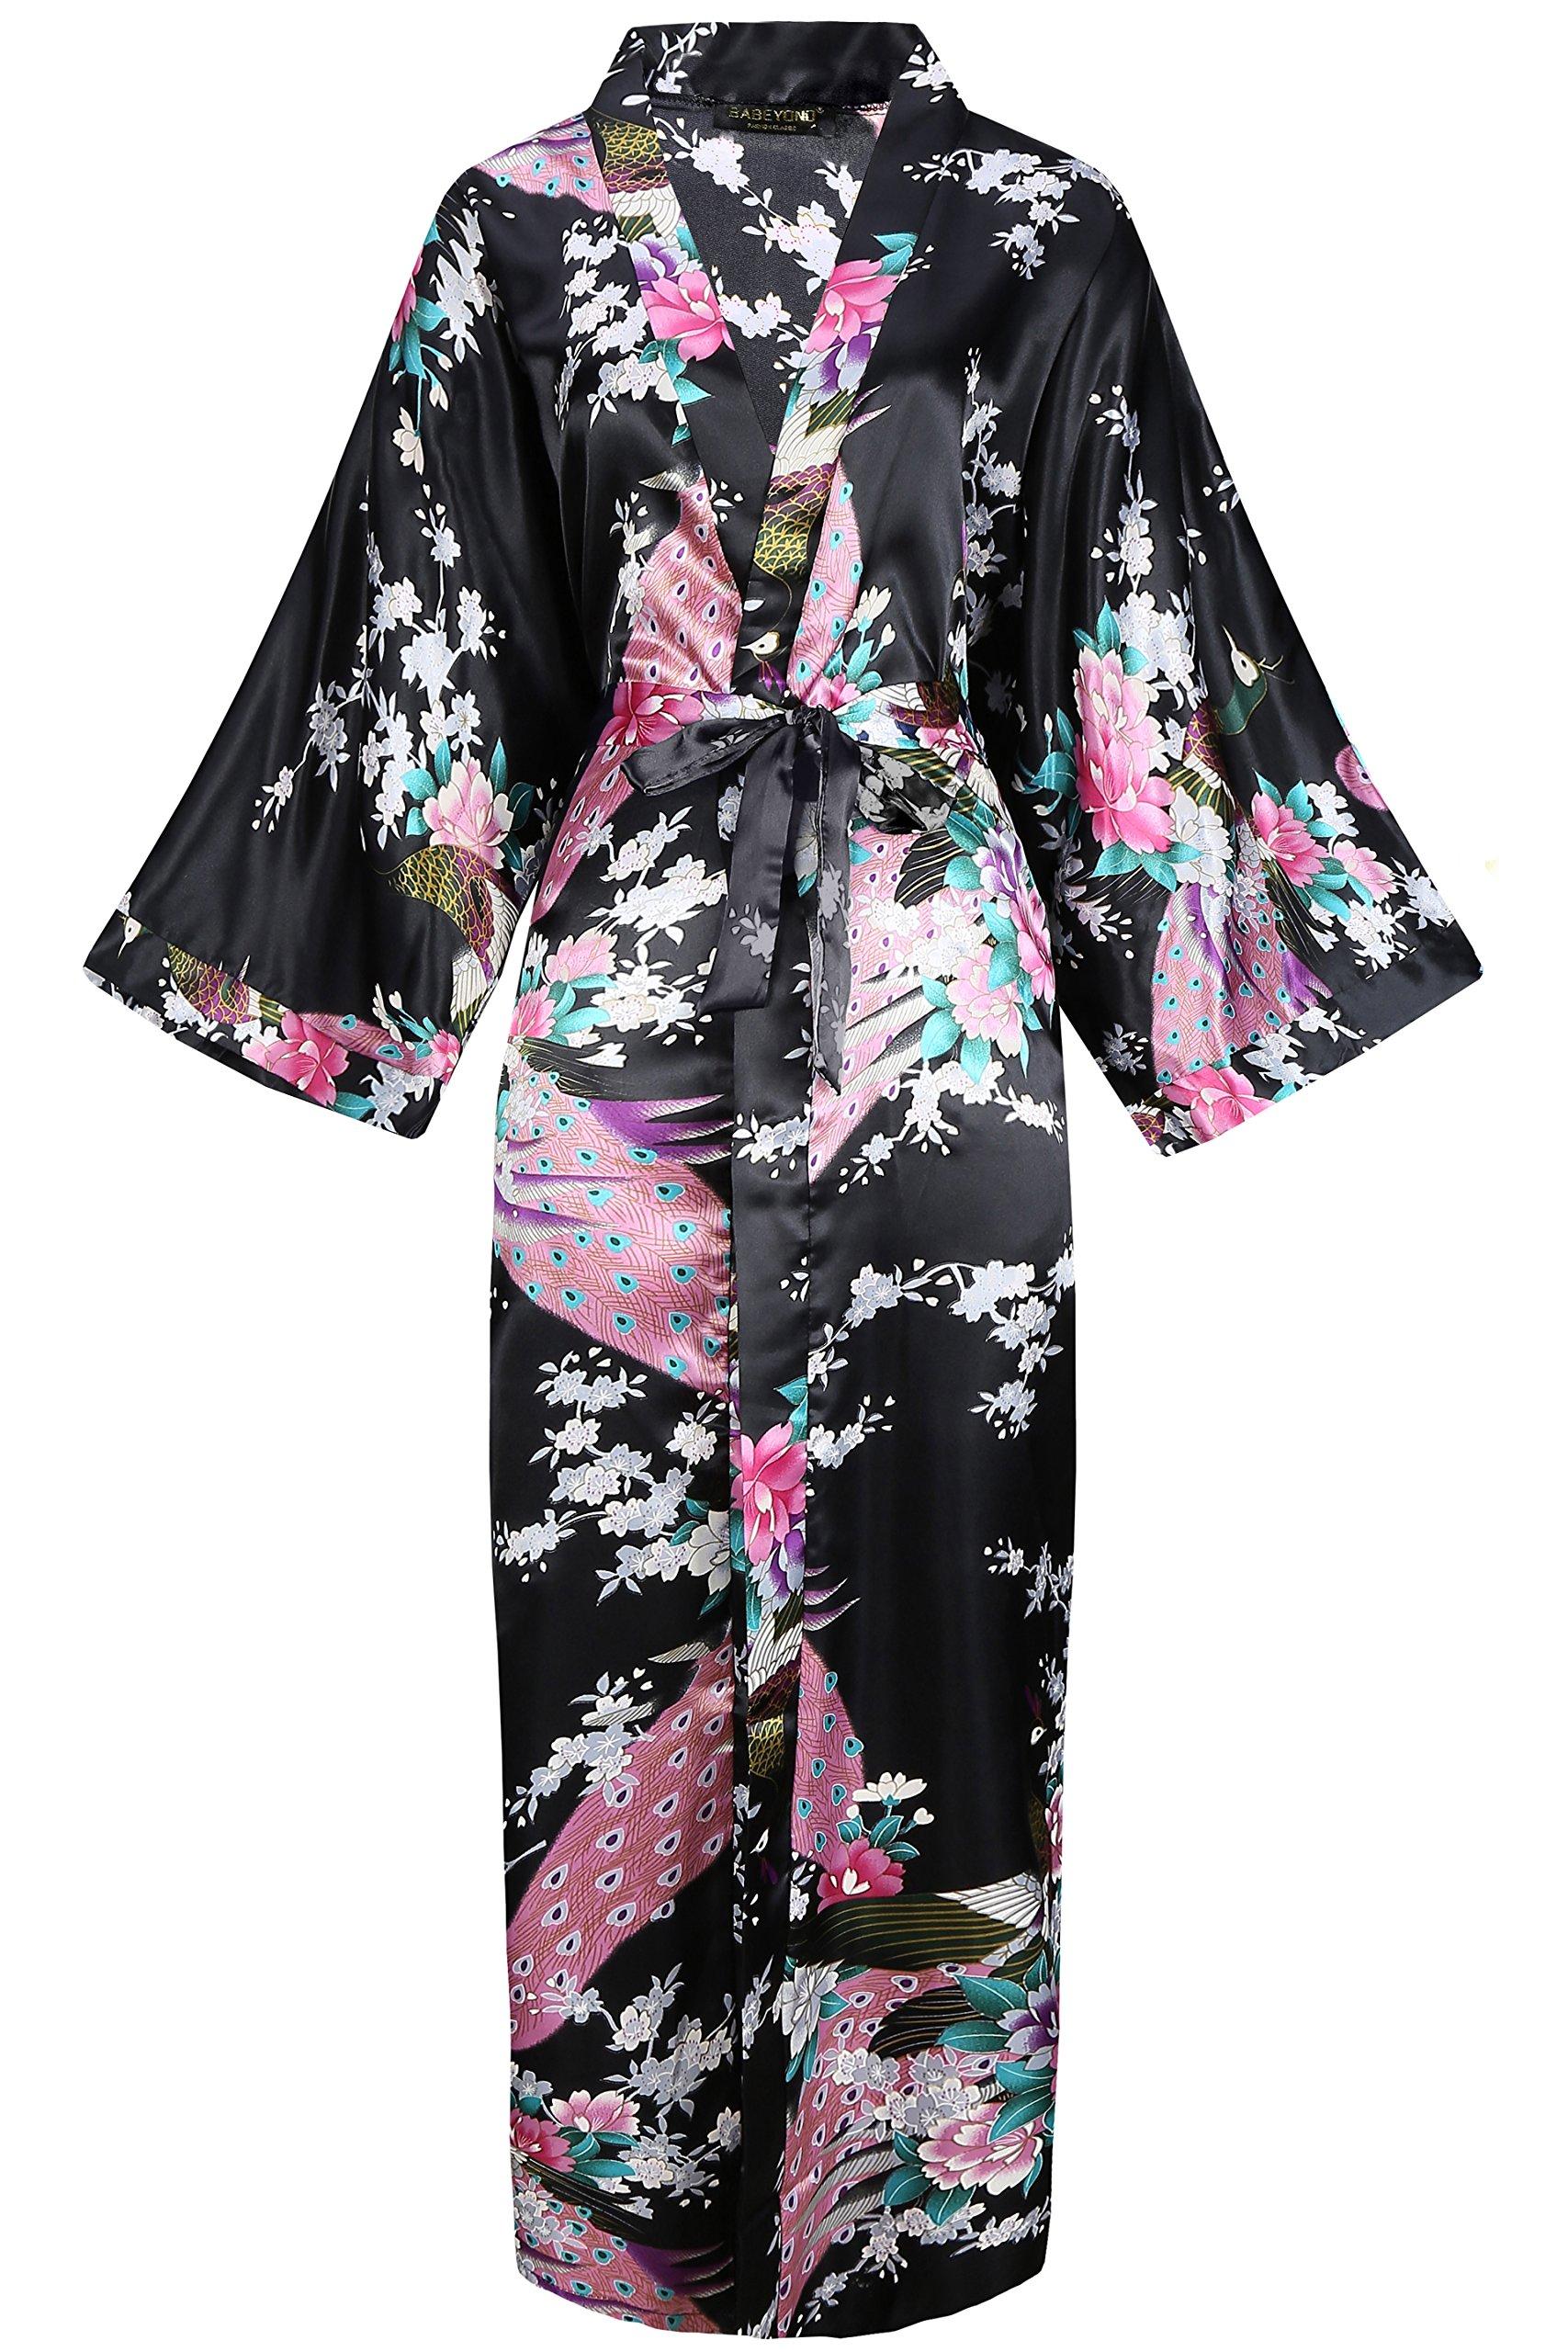 BABEYOND Kimono de Seda Vestido de Satén Kimono Pavo Real Novia Pijamas de Seda Bata de Satén (Negro) product image